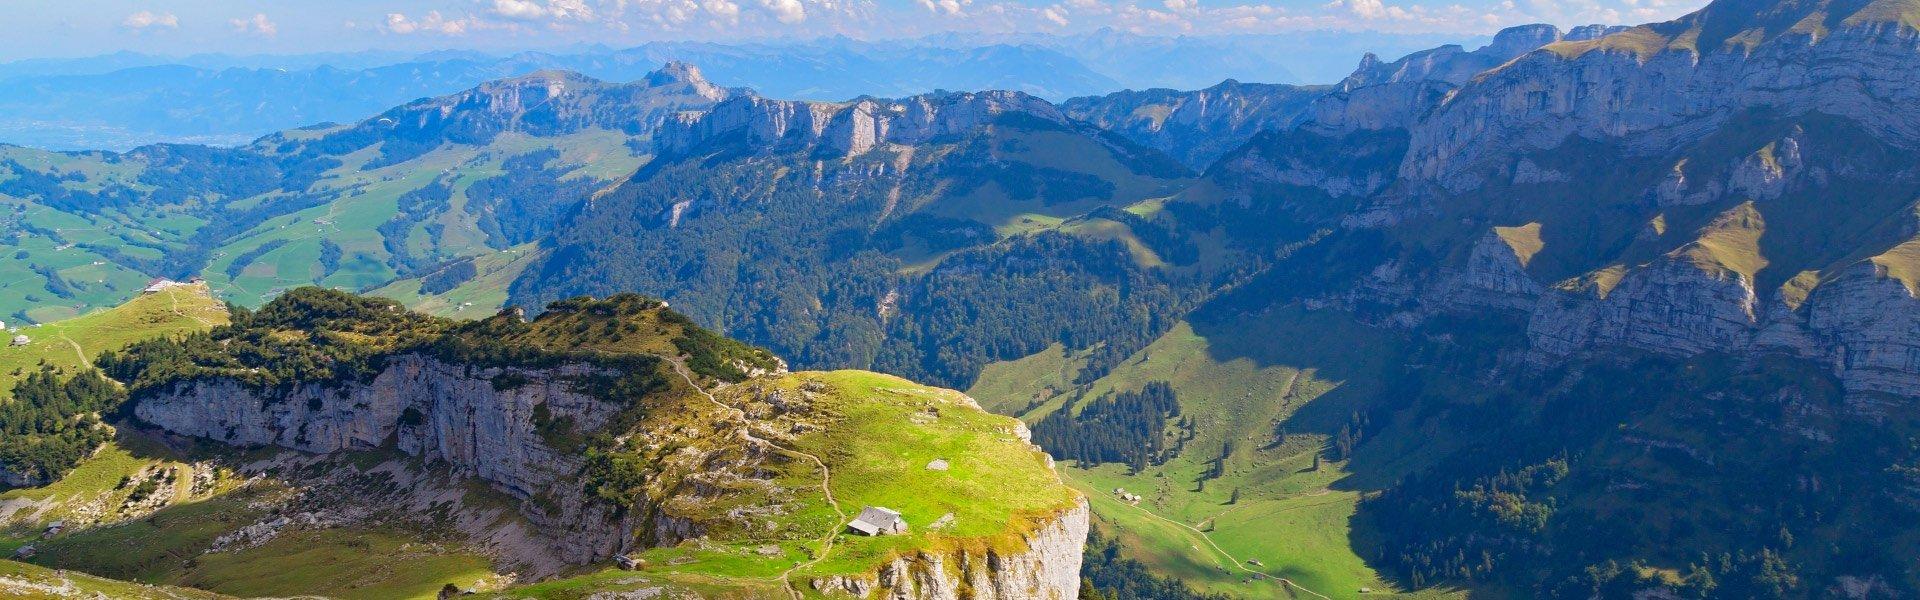 Boek uw camperreis door Zwitserland bij Victoria CamperHolidays